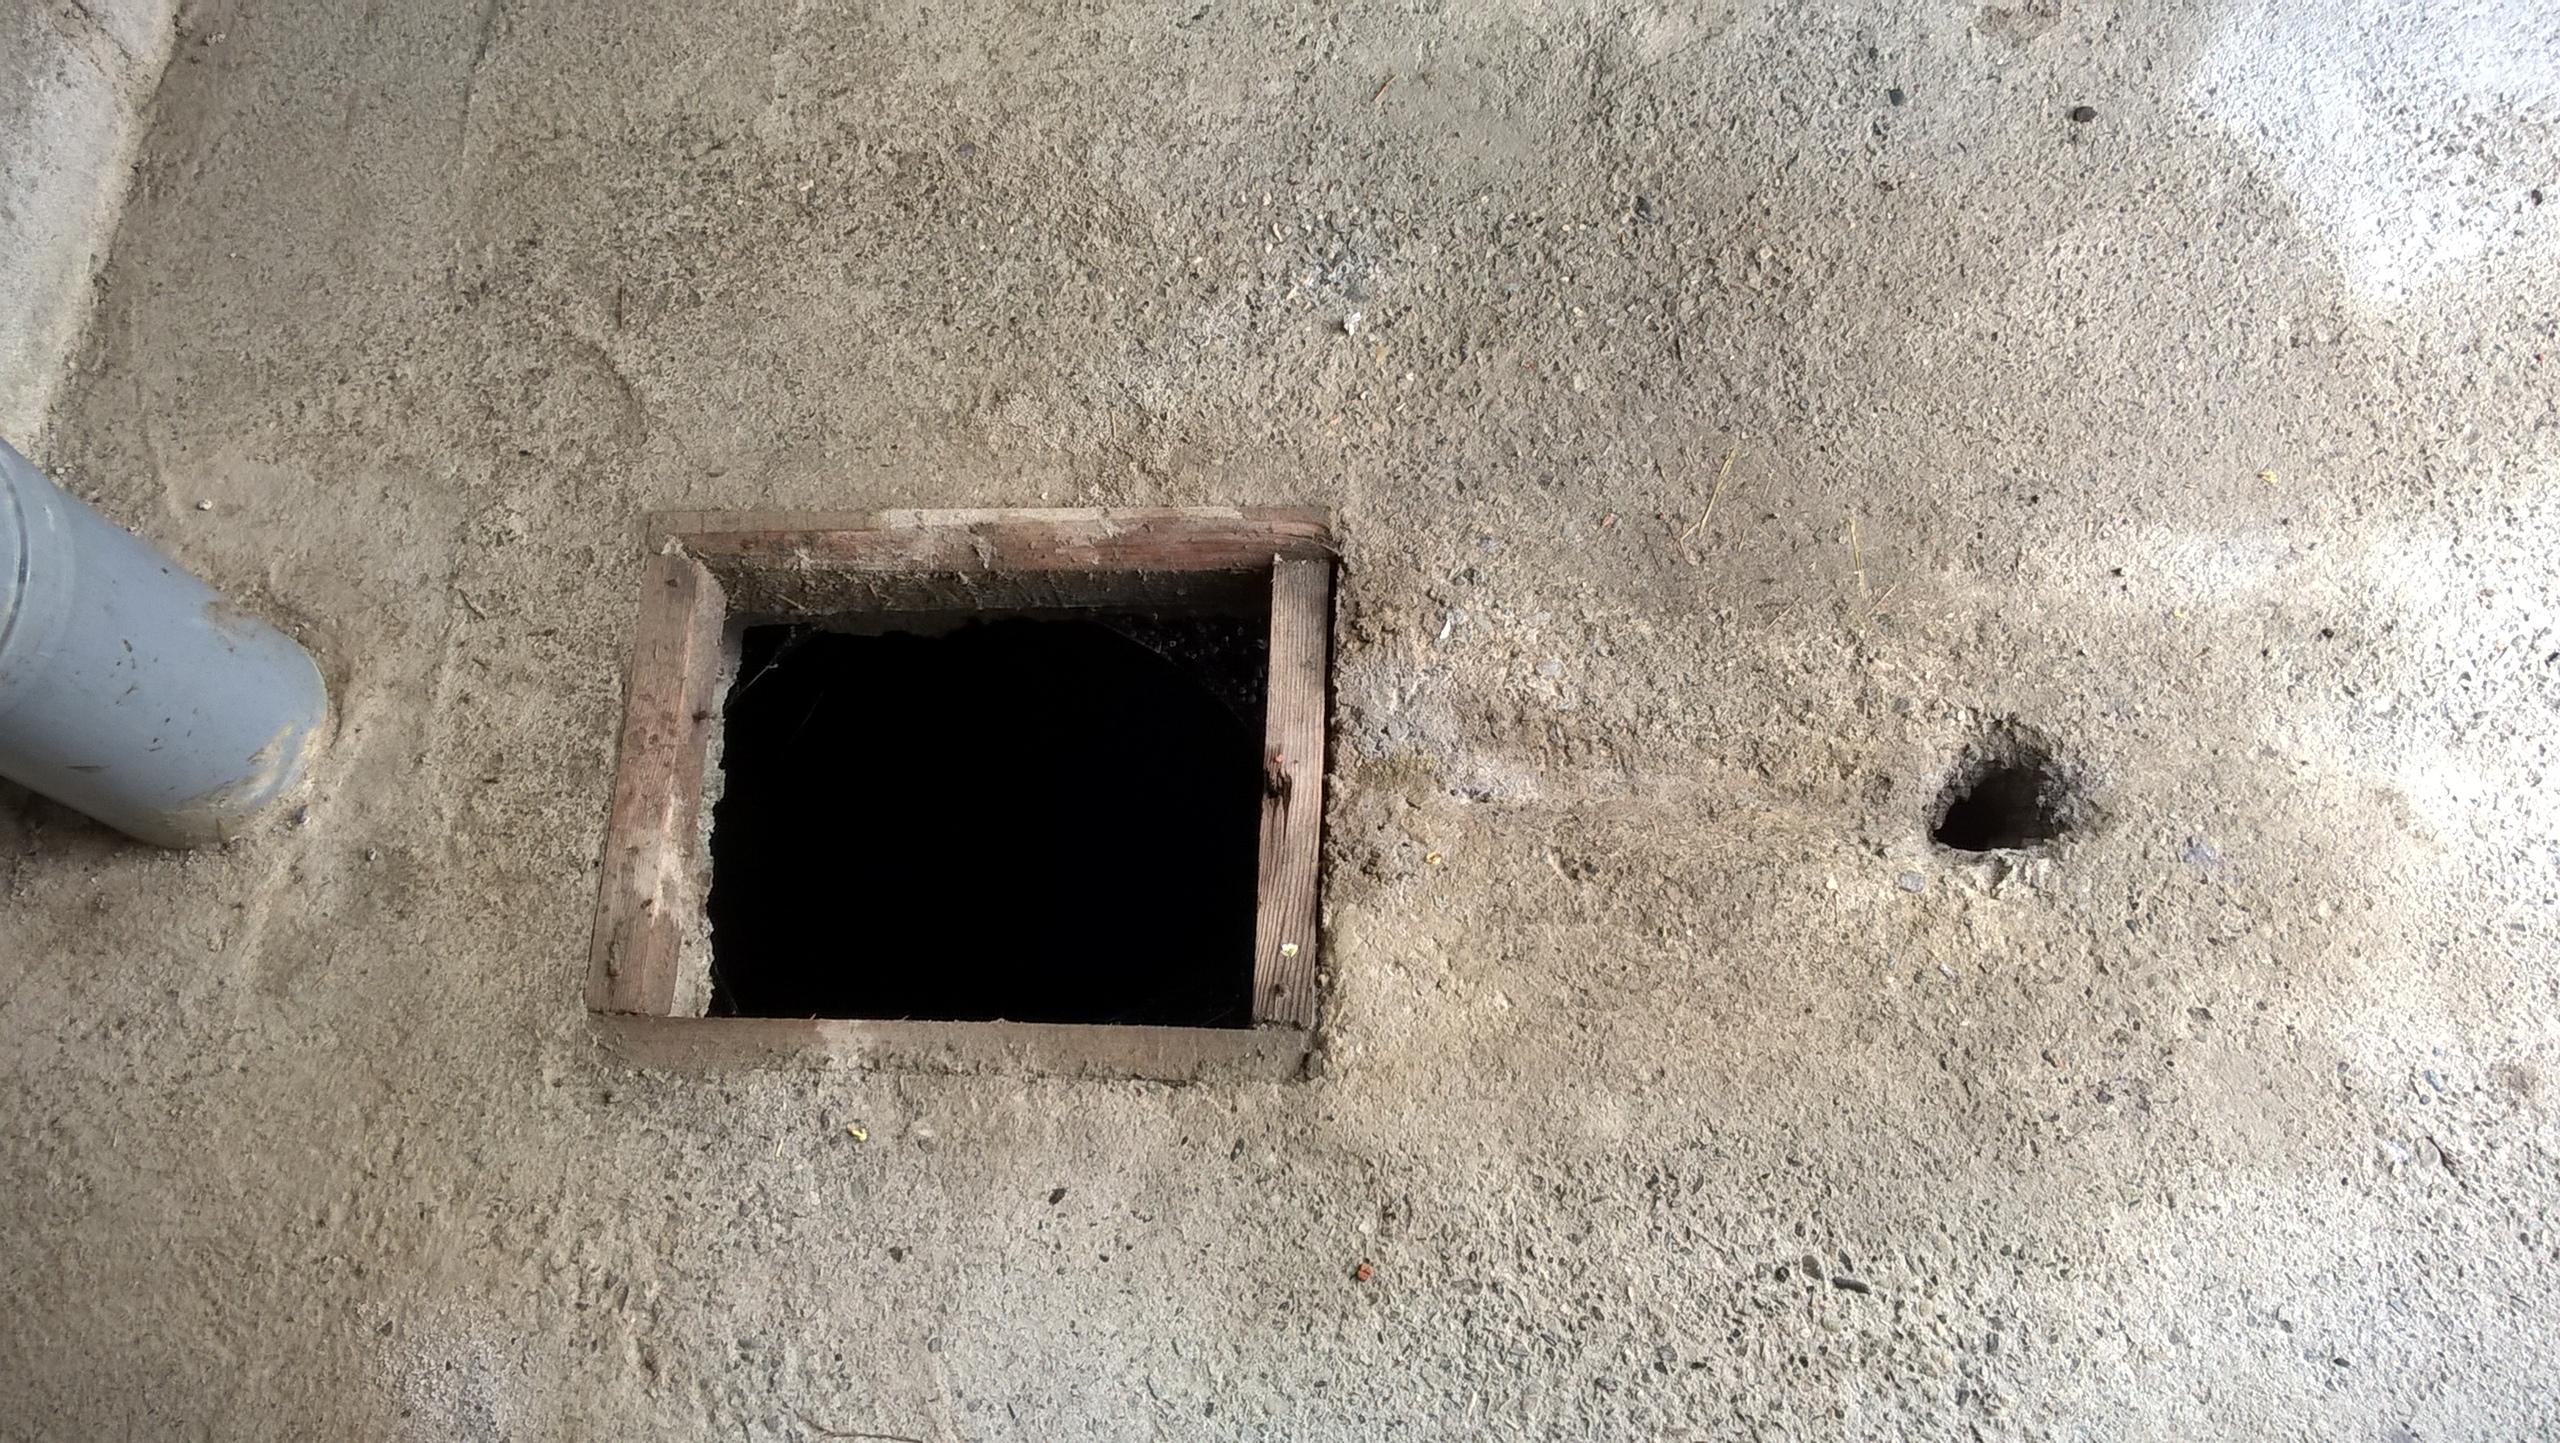 в туалетах в частных домах на Кавказе две дырки для справления нужды.